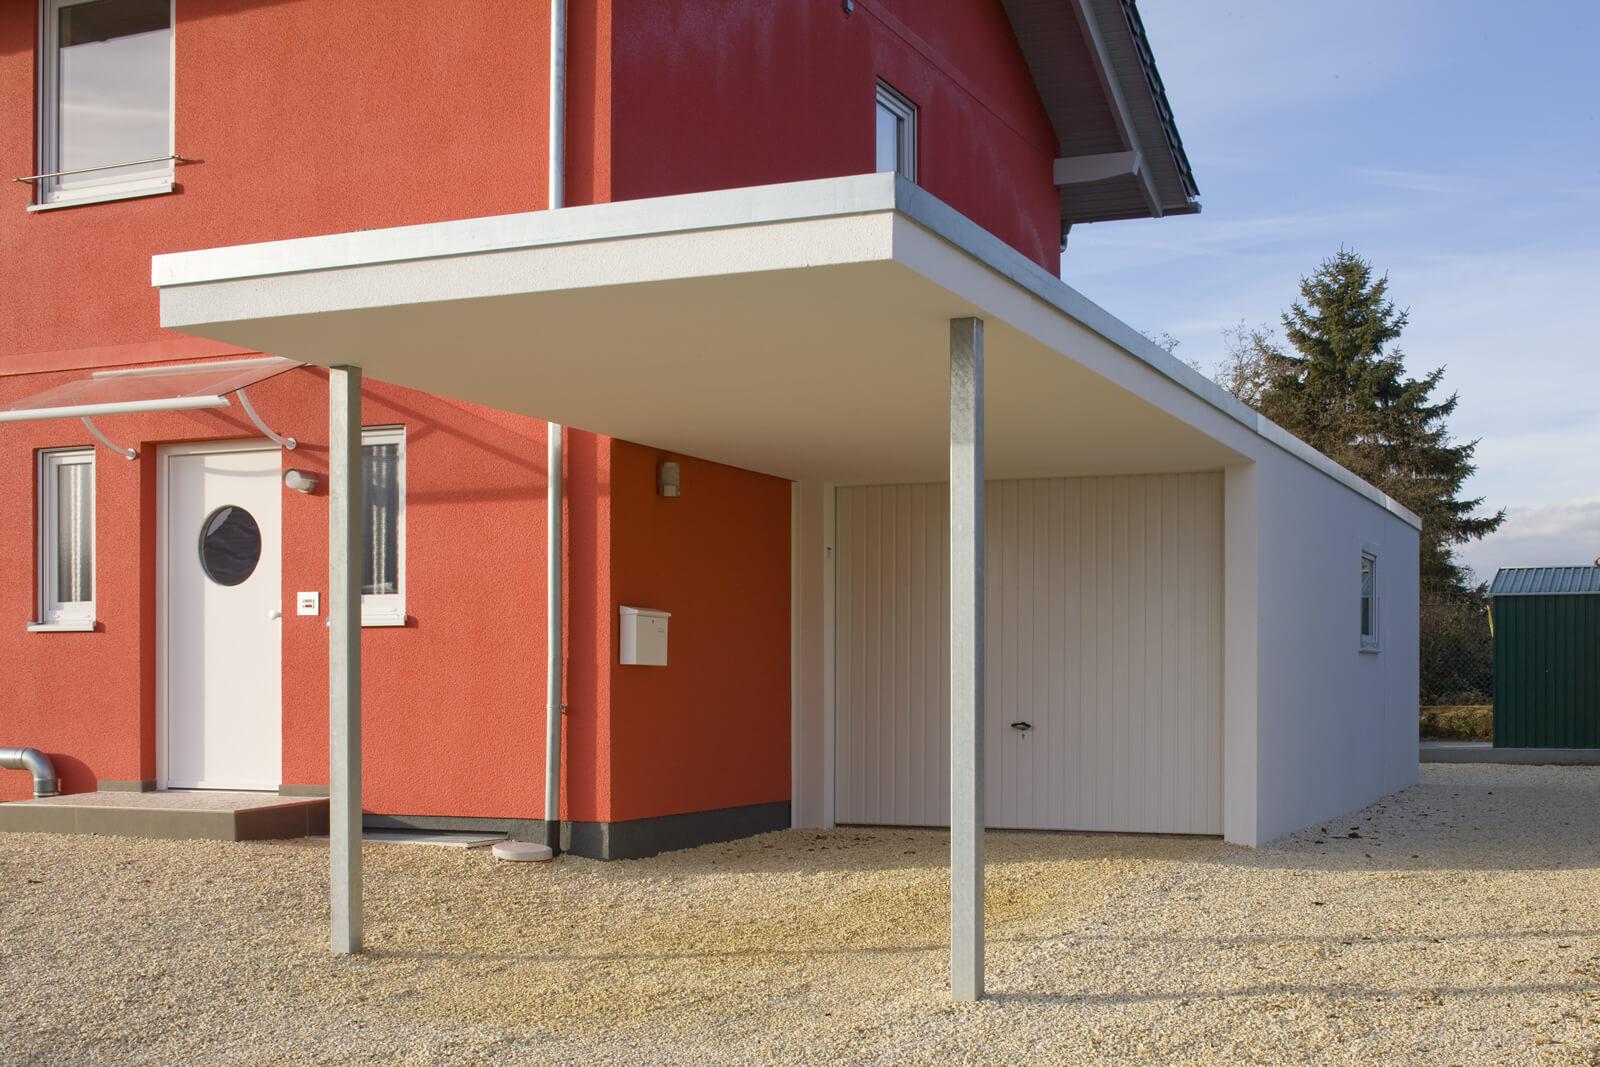 Fertiggarage beton maße  Einzelgarage als Beton-Fertiggarage